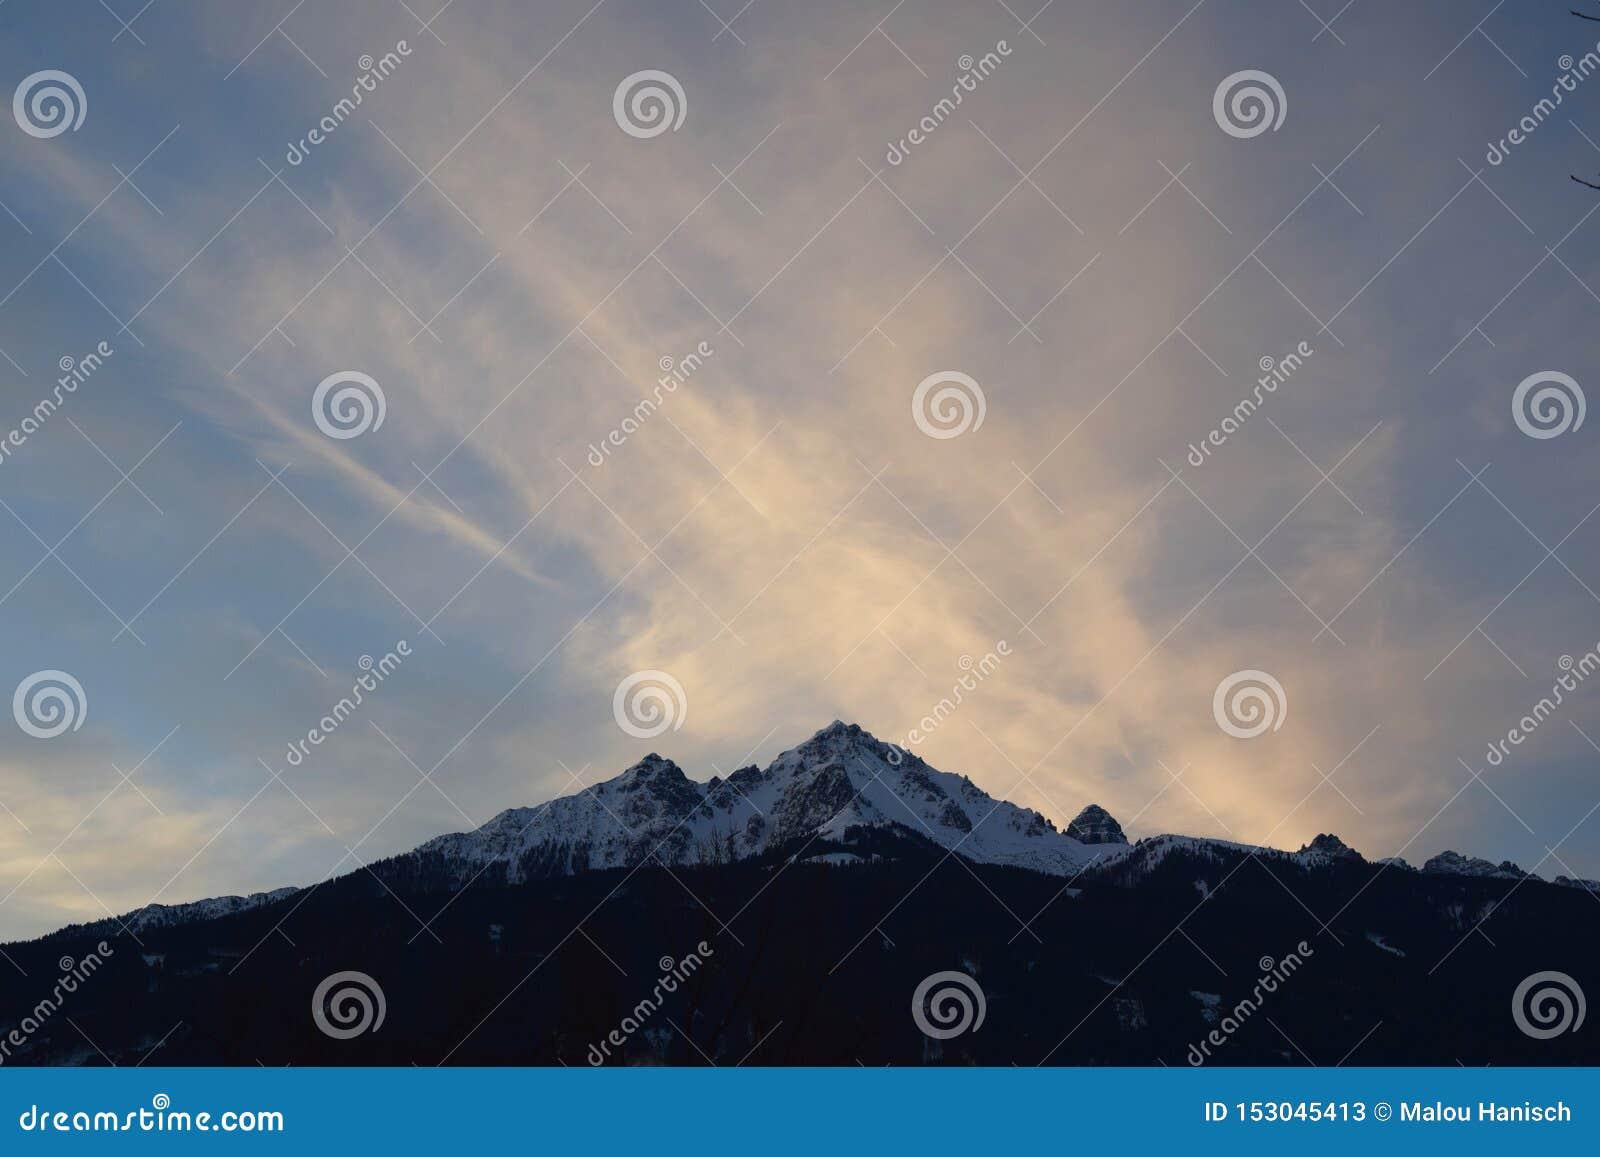 Большая гора на заднем плане